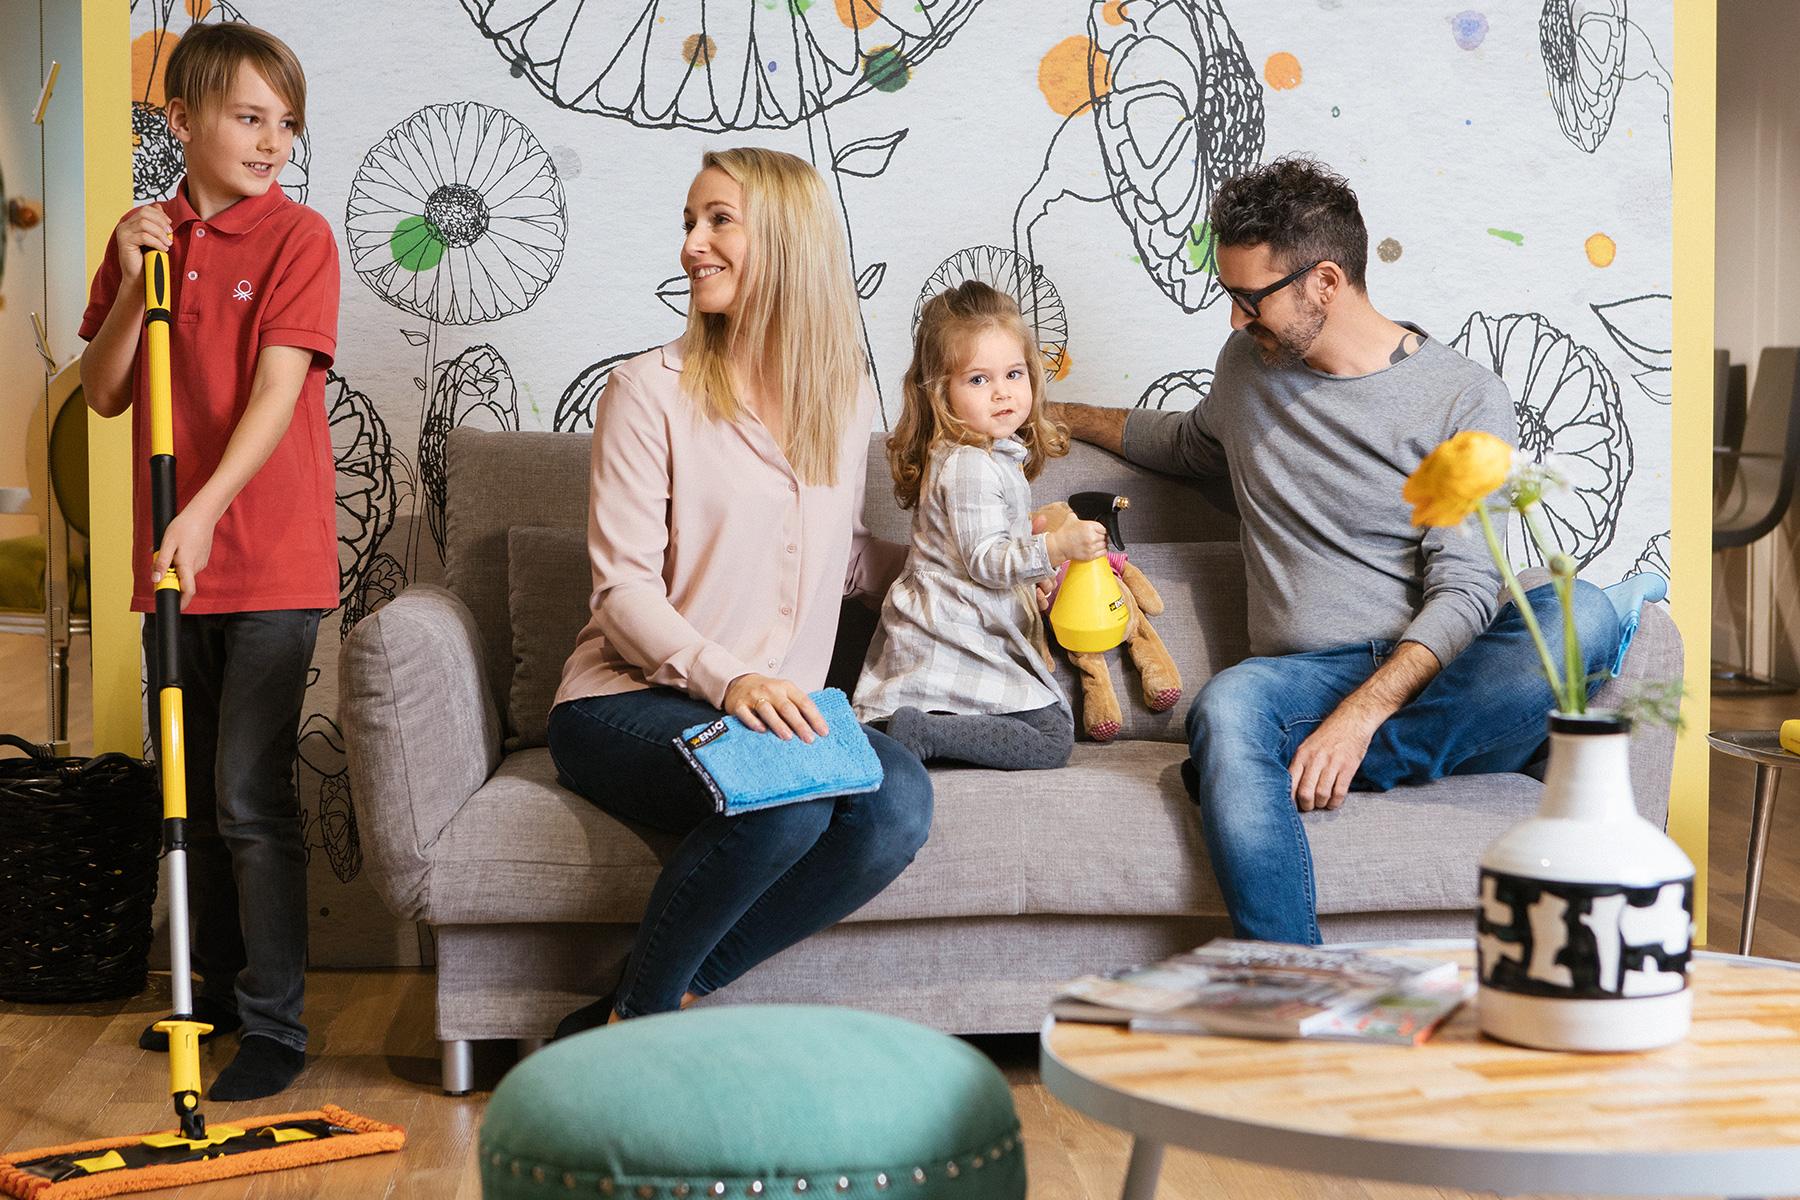 Frische reine Luft clear air clean sauber familie family reinigen